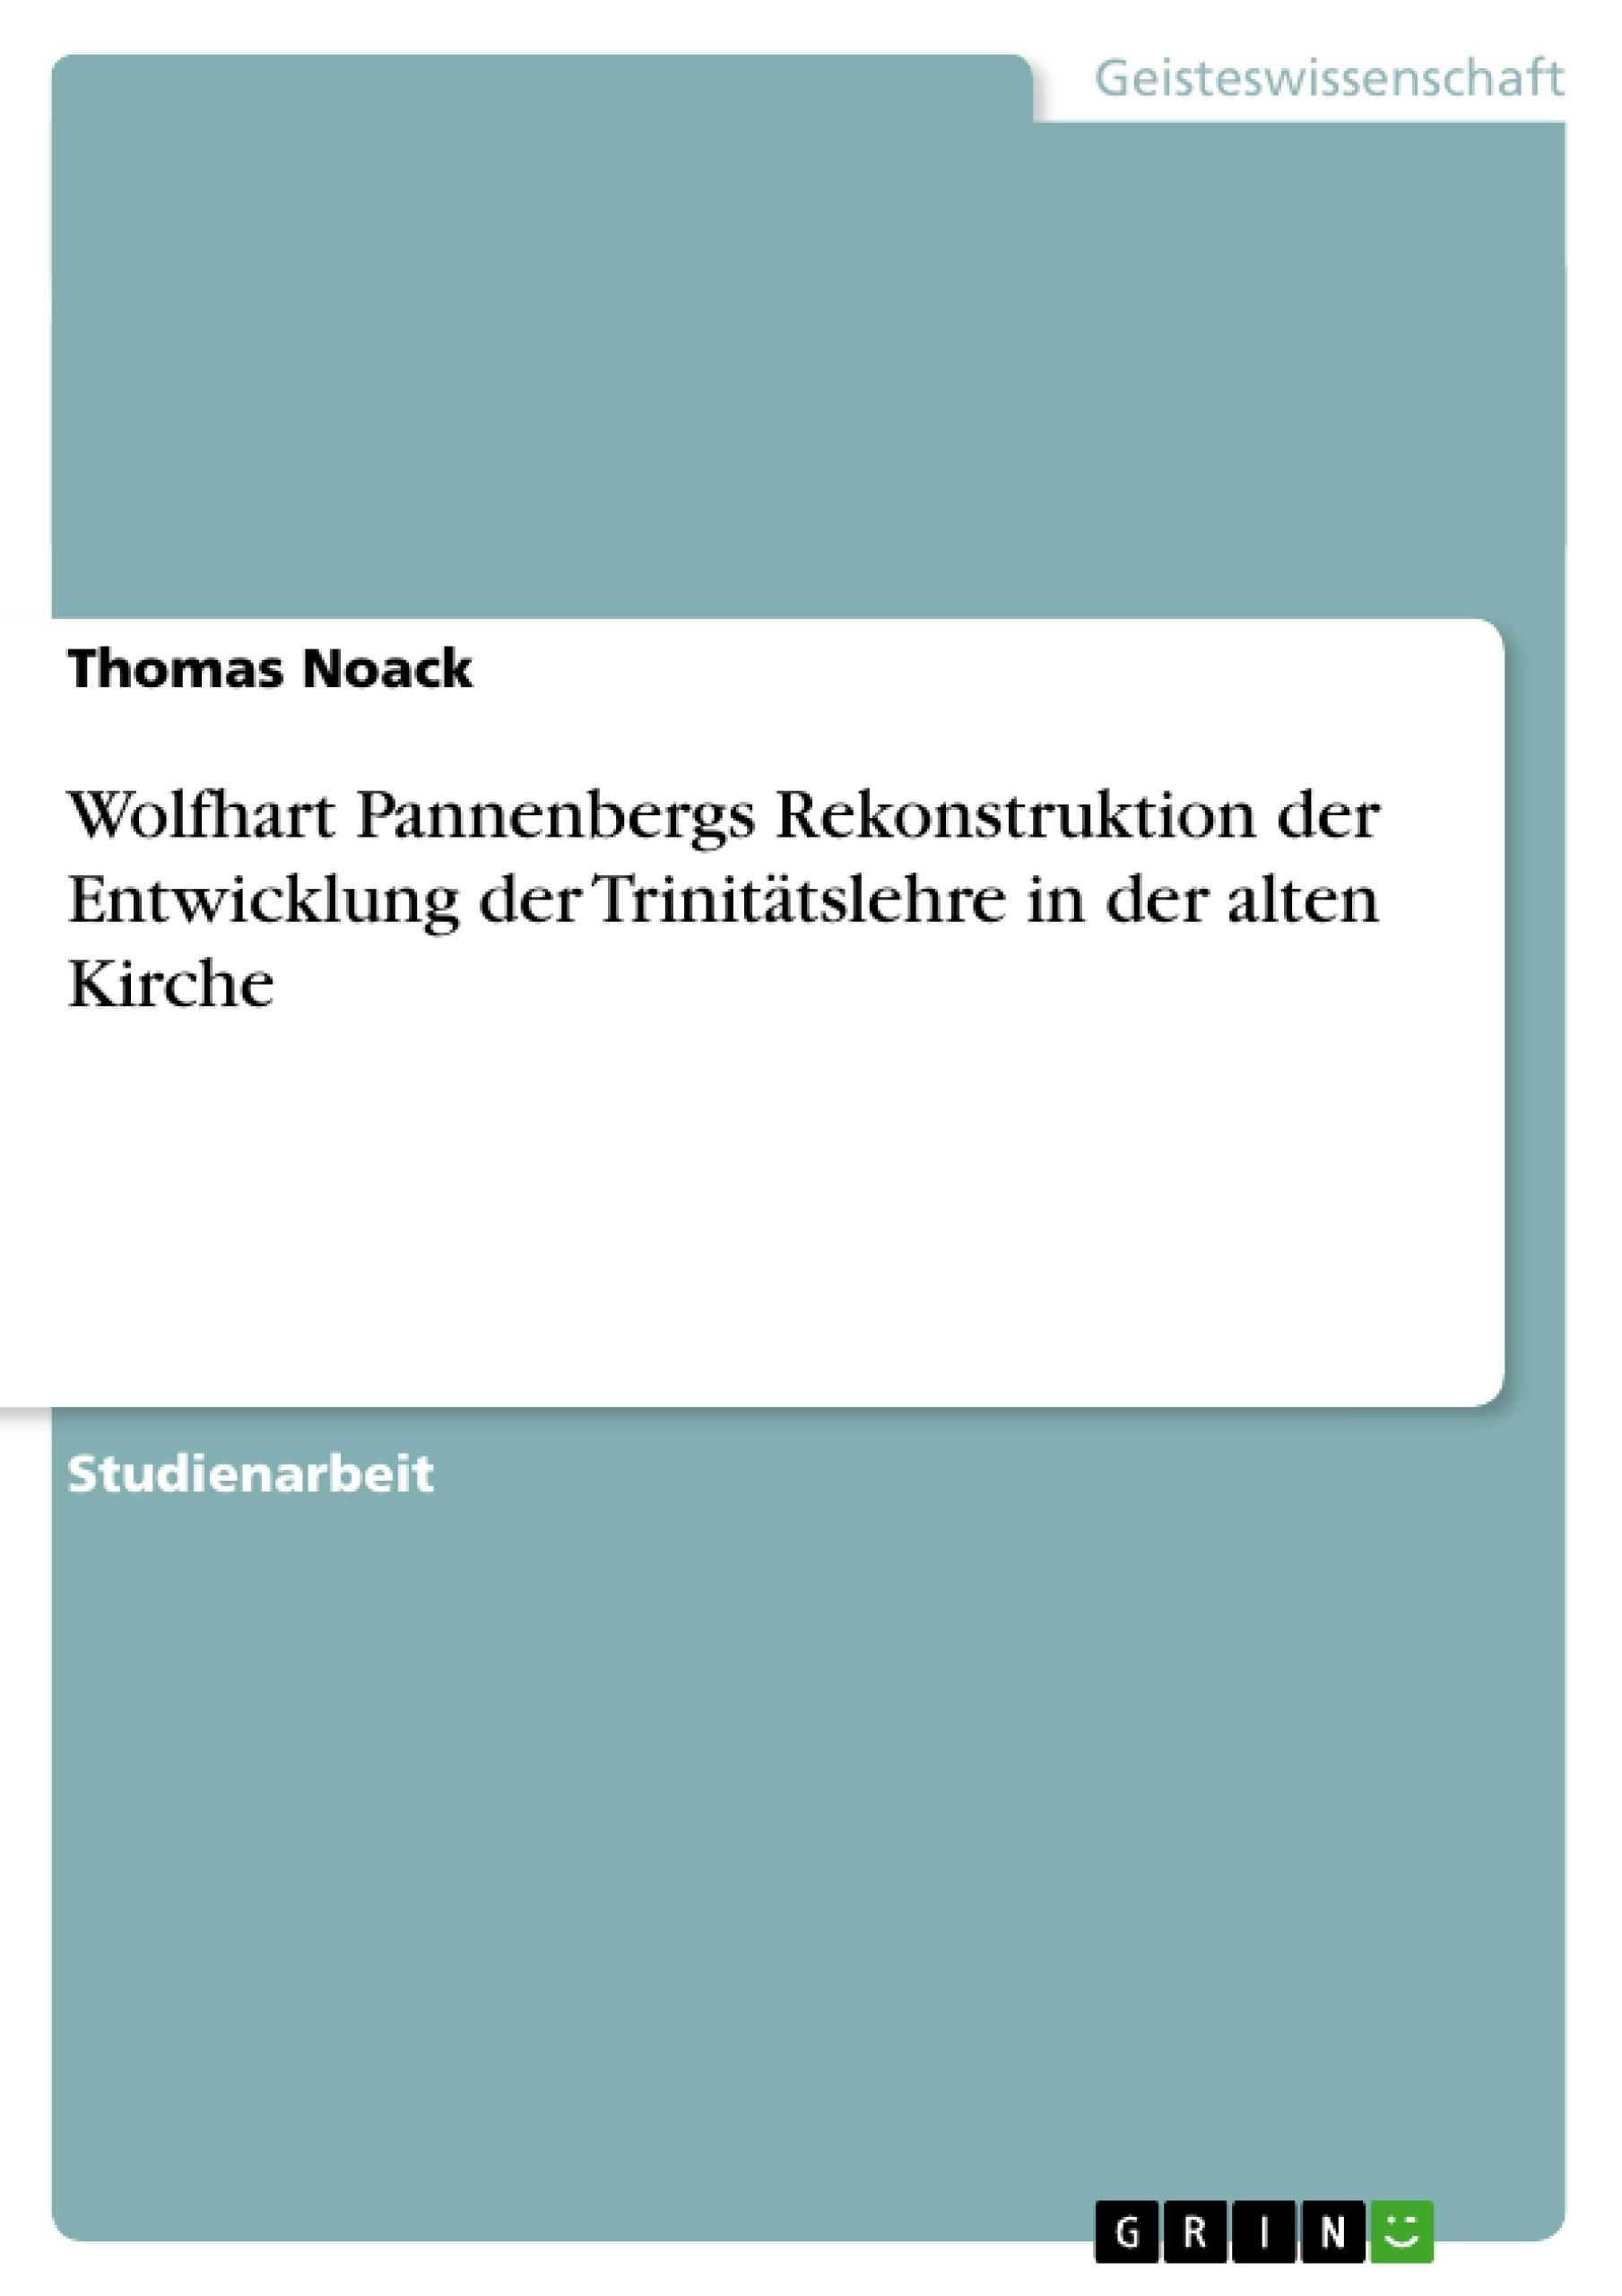 Titel: Wolfhart Pannenbergs Rekonstruktion der Entwicklung der Trinitätslehre in der alten Kirche